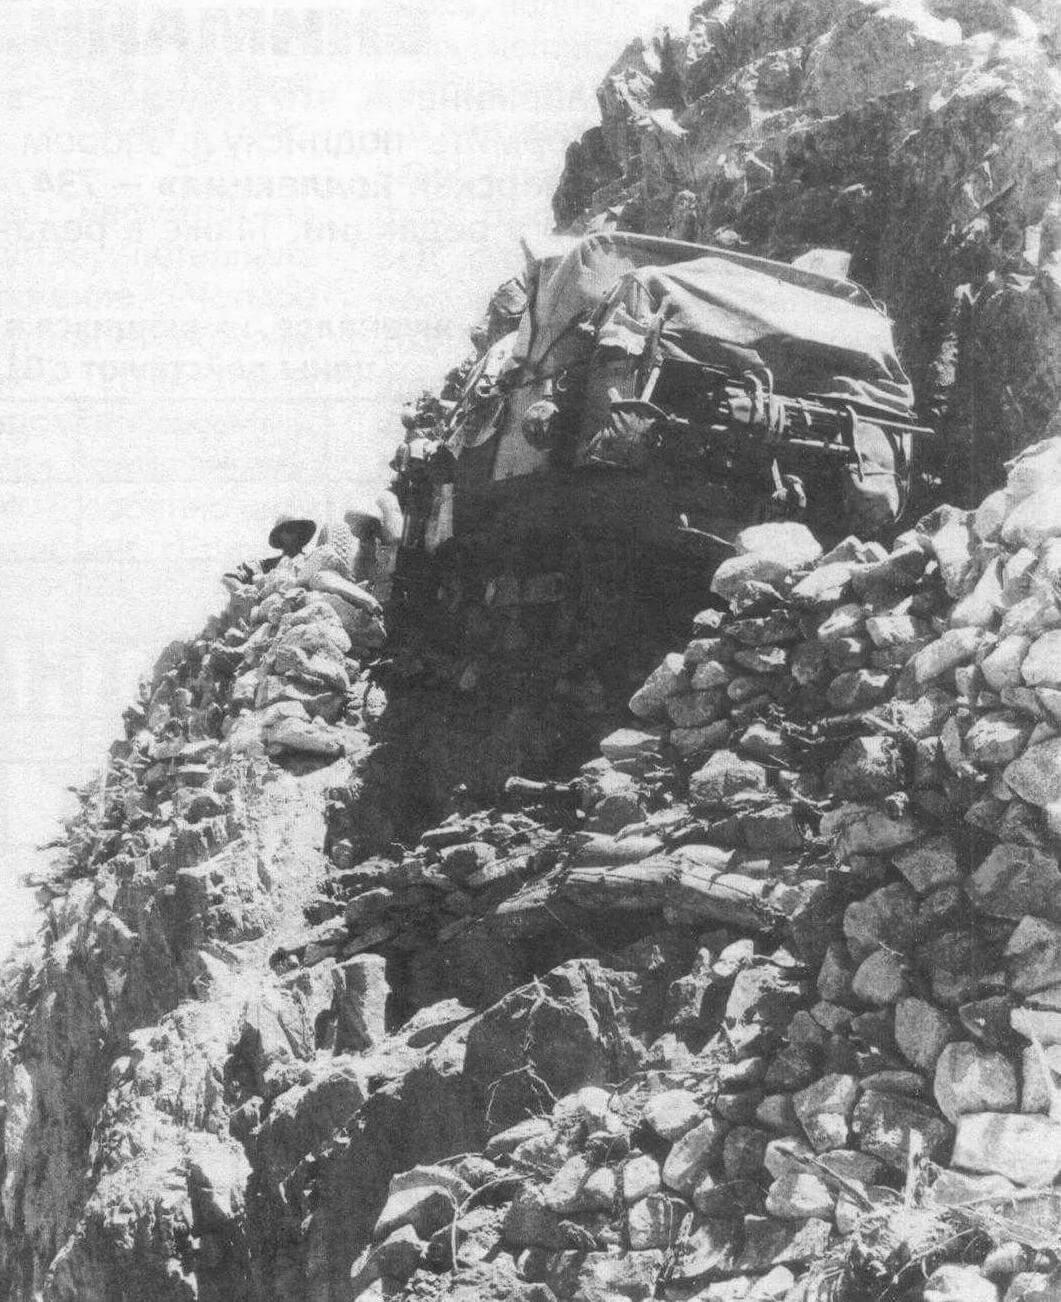 В сердце Кашмира, прямо под гусеницами карабкавшейся по горным карнизам головной машины обвалилась тропинка, и двухтонный автомобиль чудом завис над 200 метровой пропастью. Потребовалось пять часов, чтобы вызволить его из пустоты